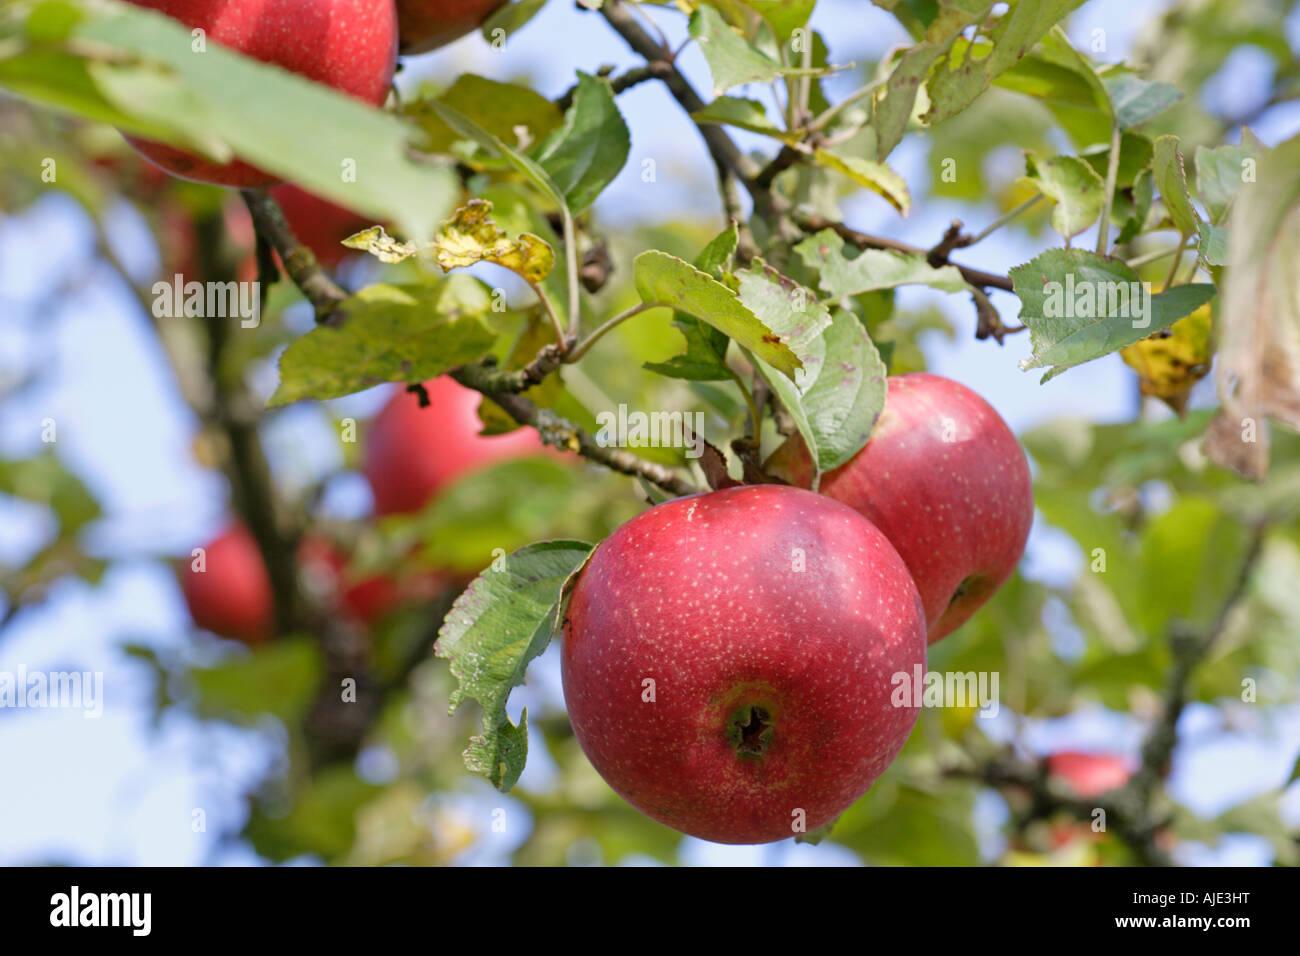 Albero di mele sono queste mele biologiche Immagini Stock